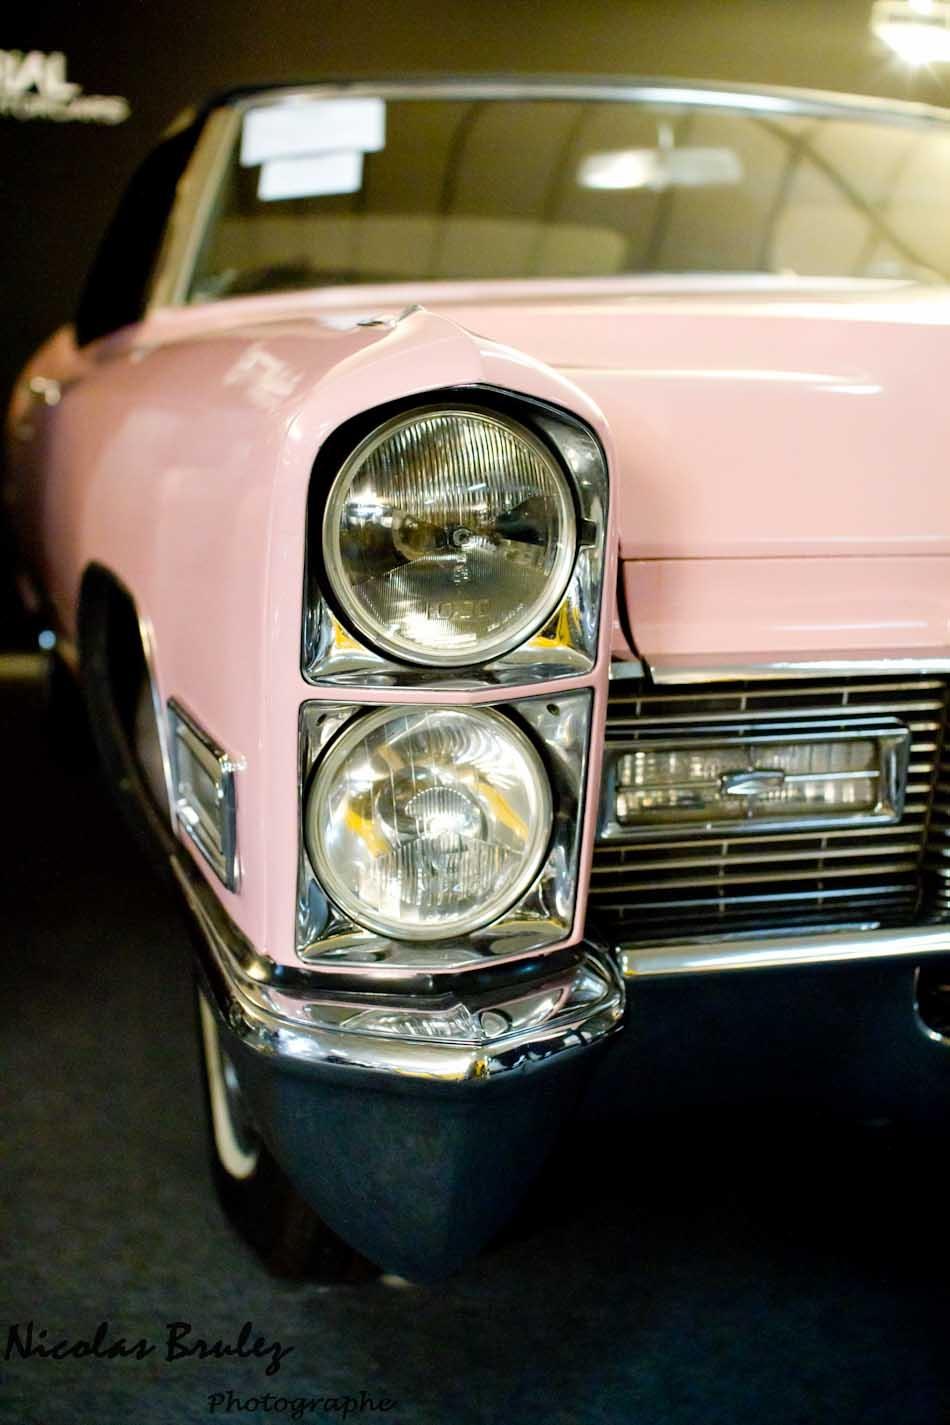 motorcars artcurial 2011 1970 cadillac de ville rose